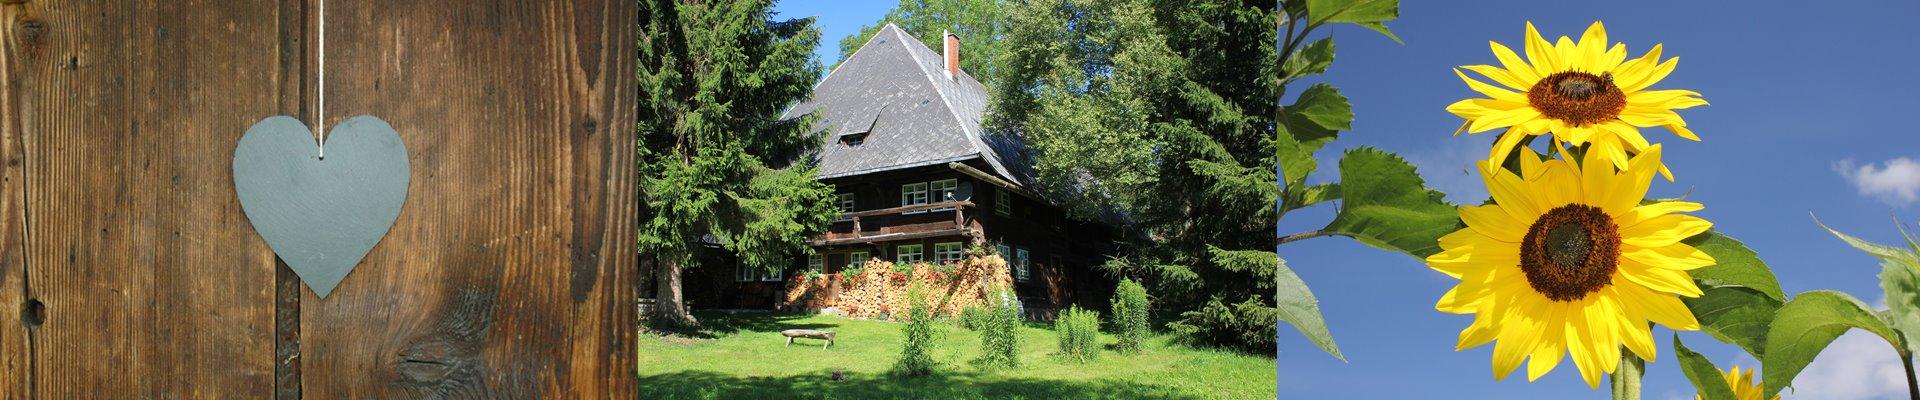 Collage: Herzplakette + Ferienhaus + Sonnenblumen / Griesbachhof-Schwarzwald